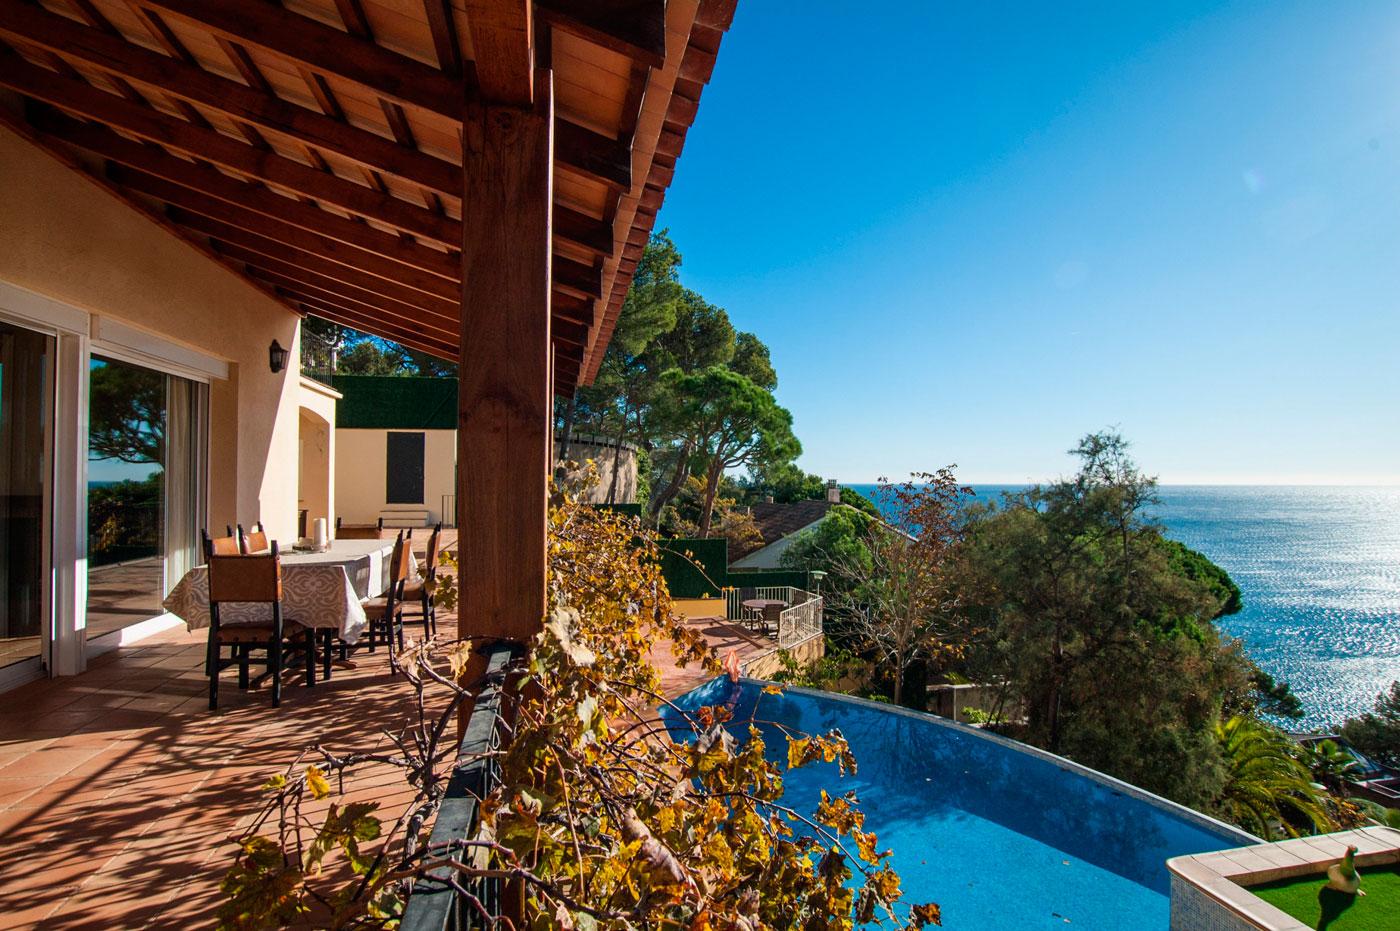 Belle maison à louer sur la Costa Brava en Espagne